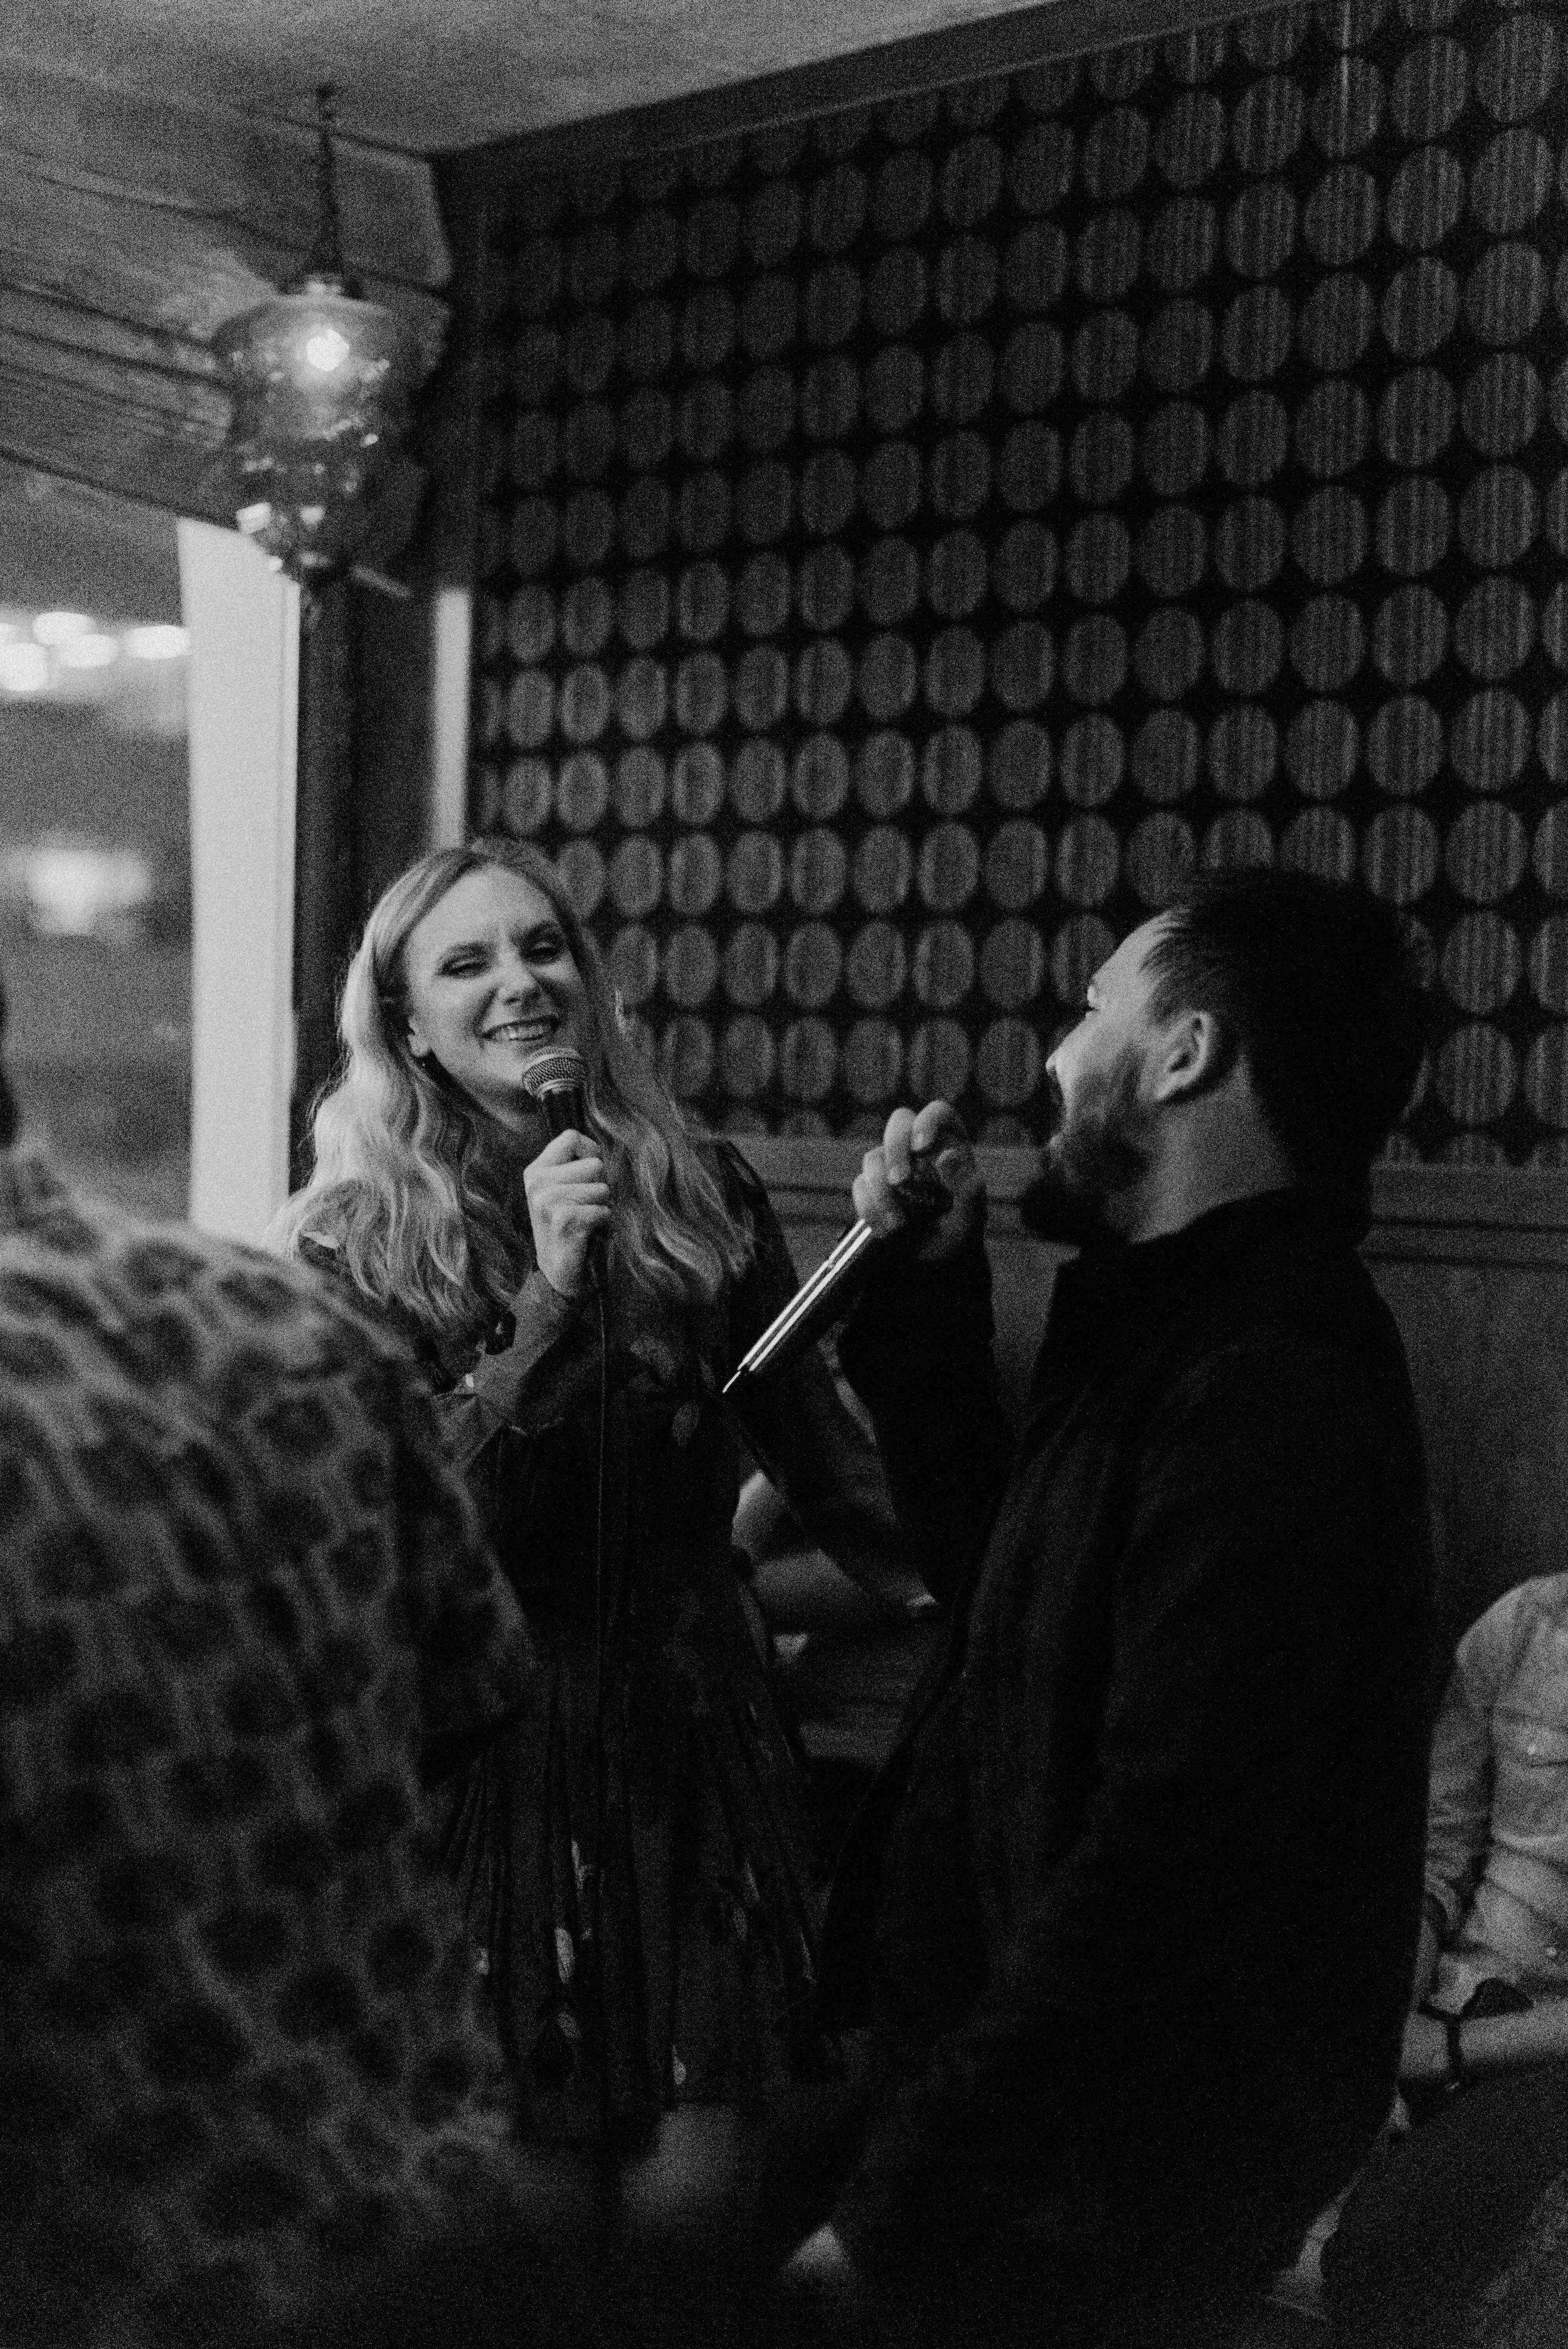 karaoke (bw)-13.jpg